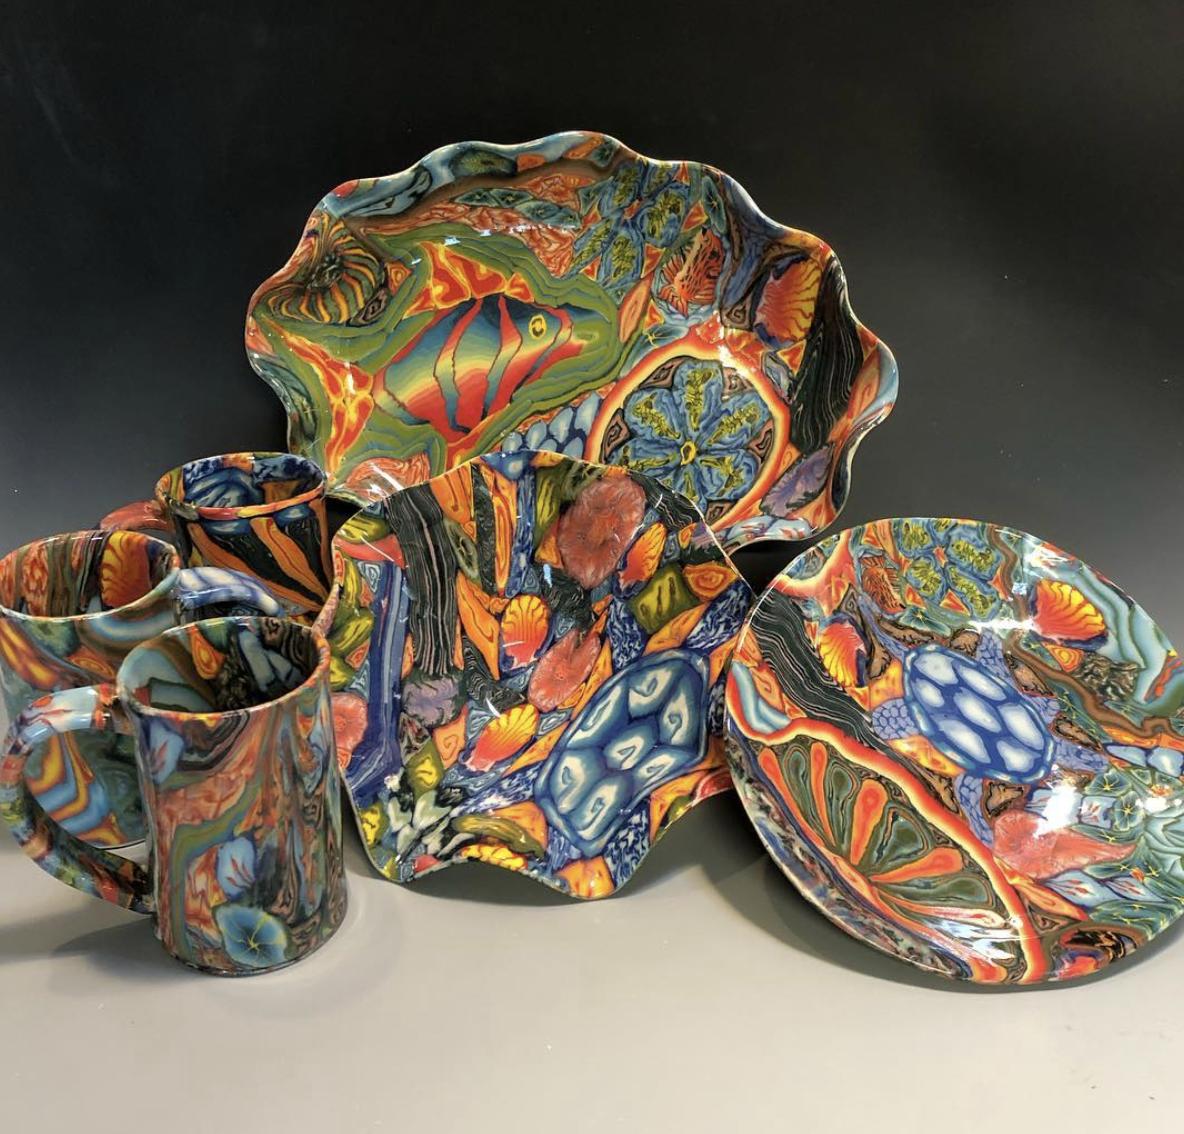 Dean McRaine – Colored Clay